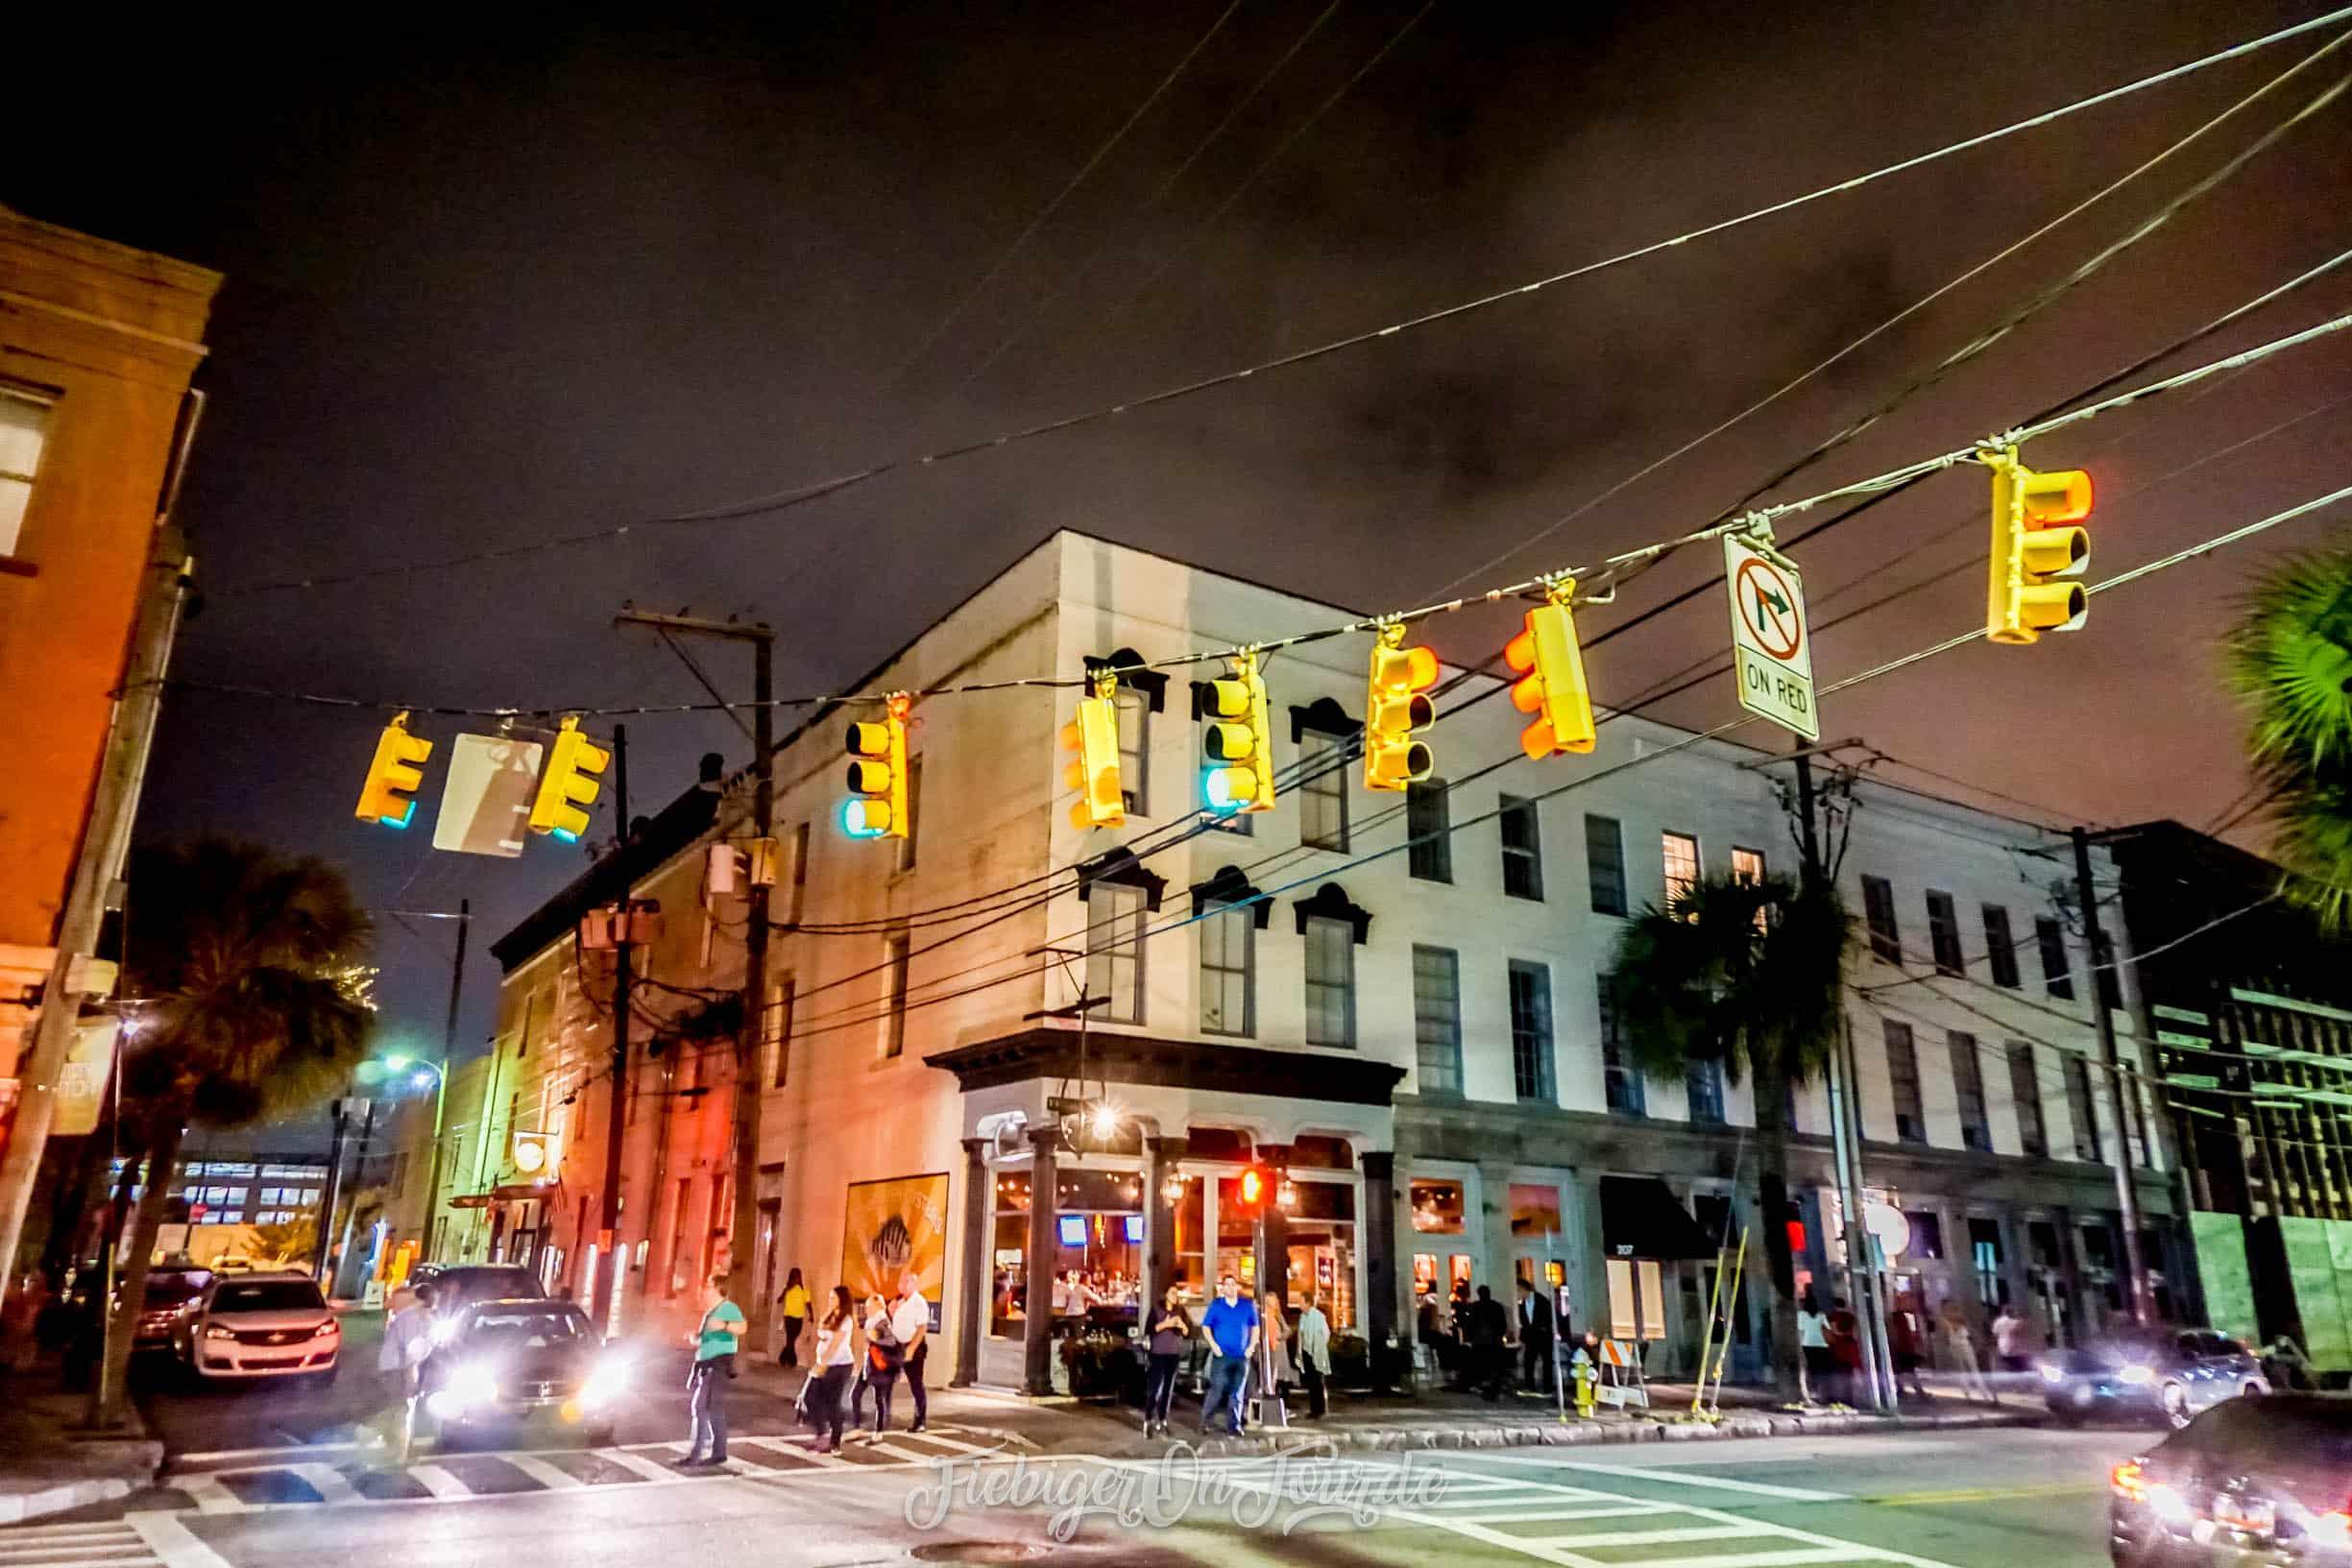 Charleston bei Nacht